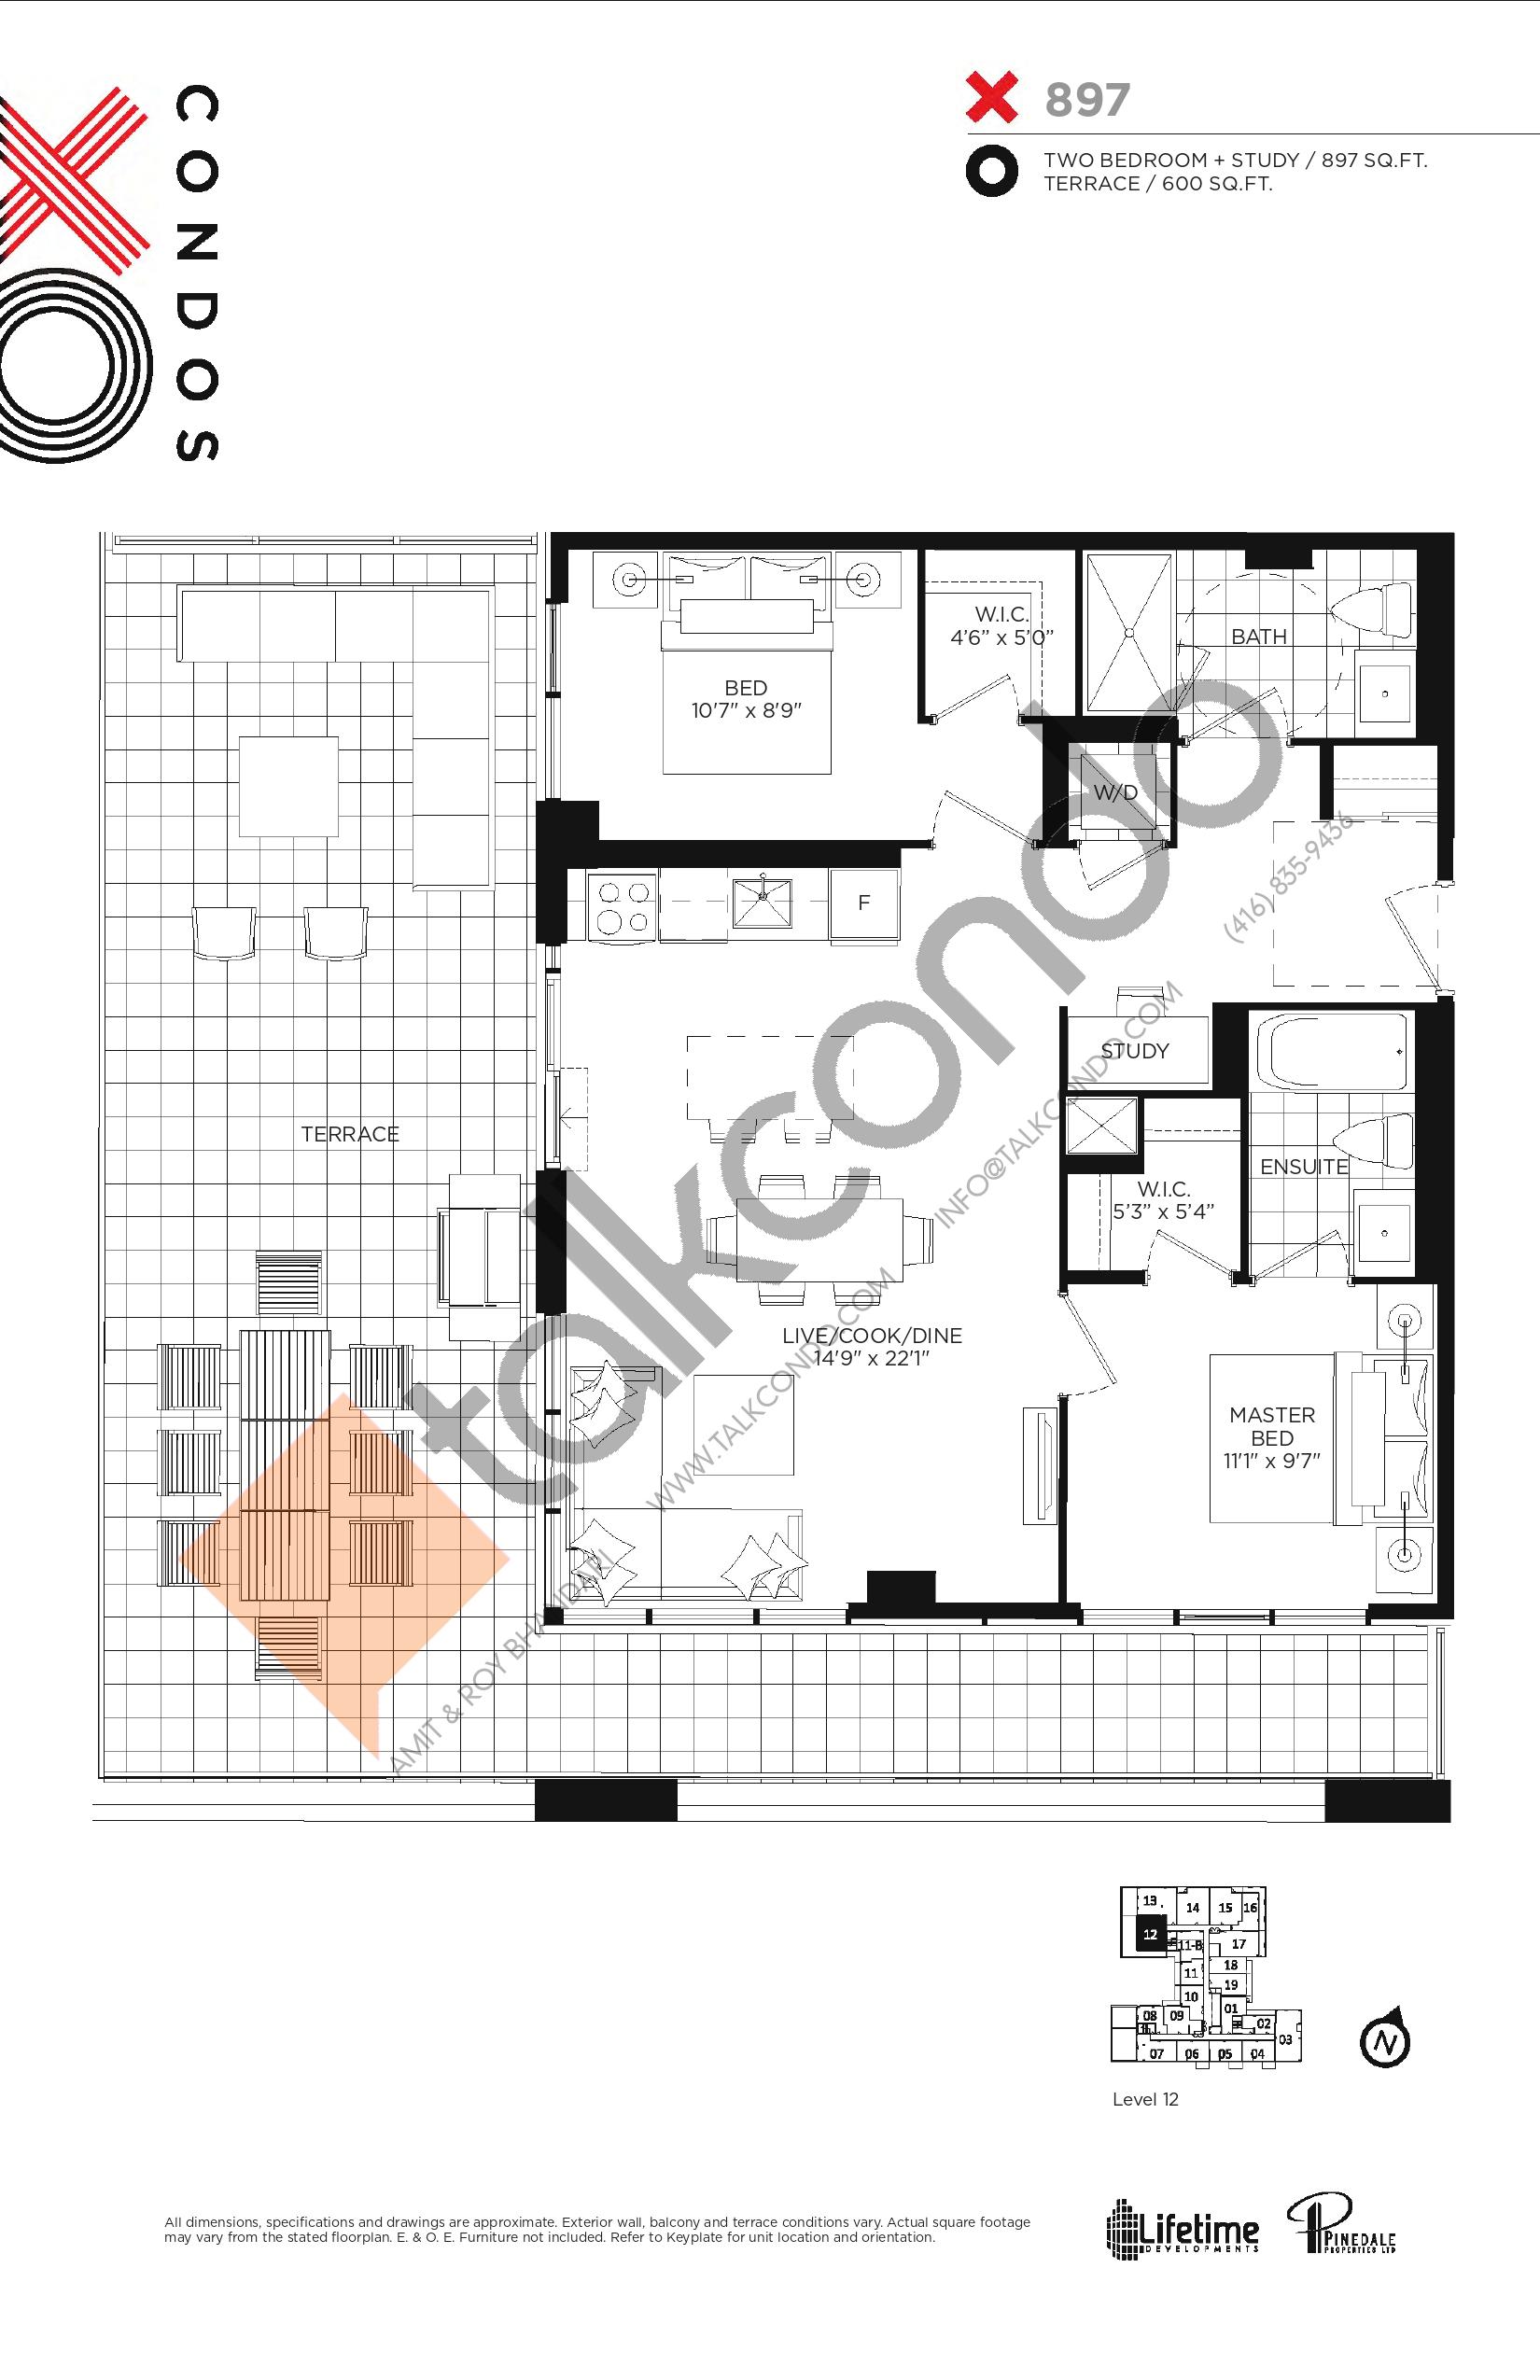 X897 Floor Plan at XO Condos - 897 sq.ft